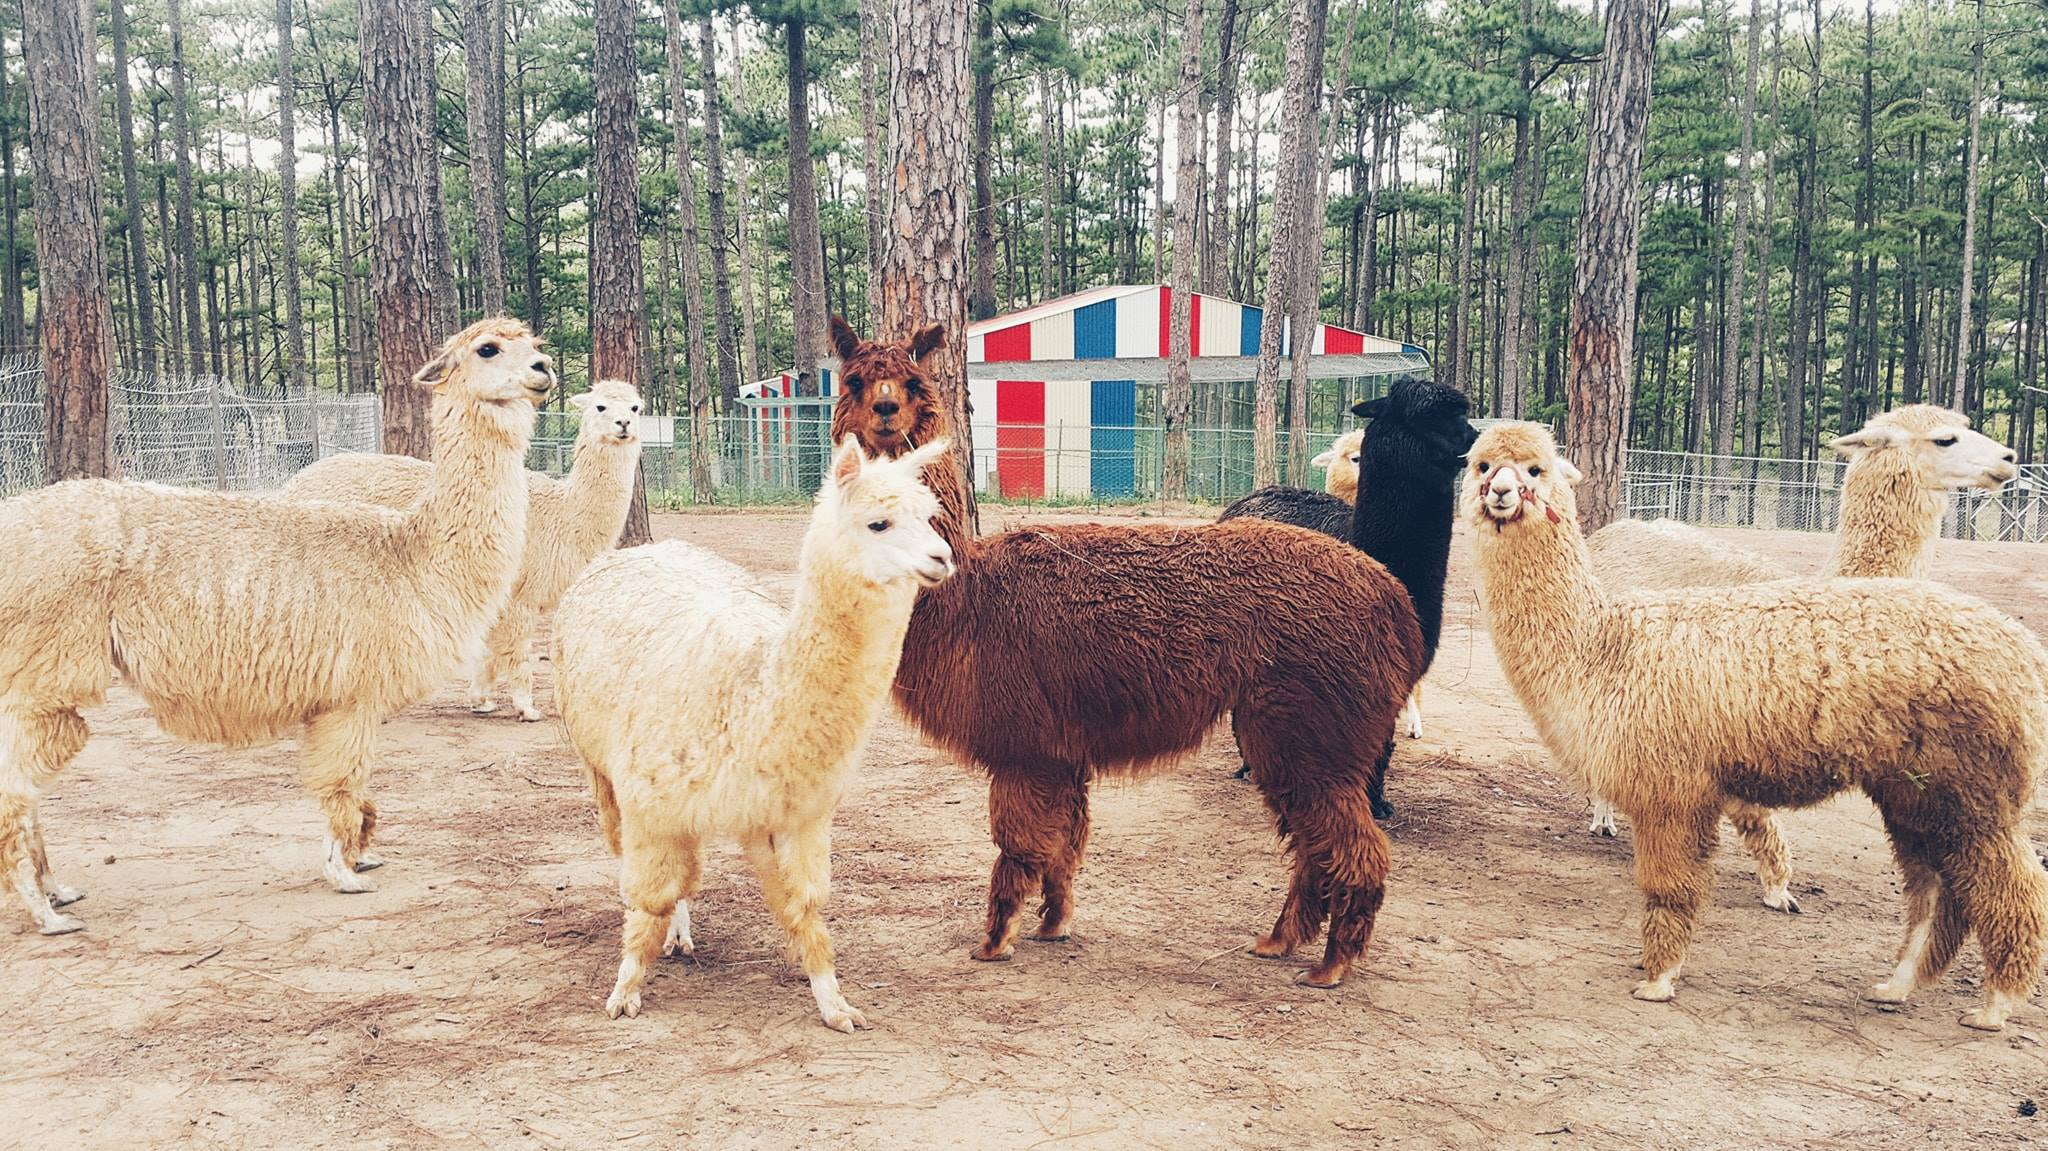 Kinh nghiệm du lịch Vườn thú ZooDoo Đà Lạt